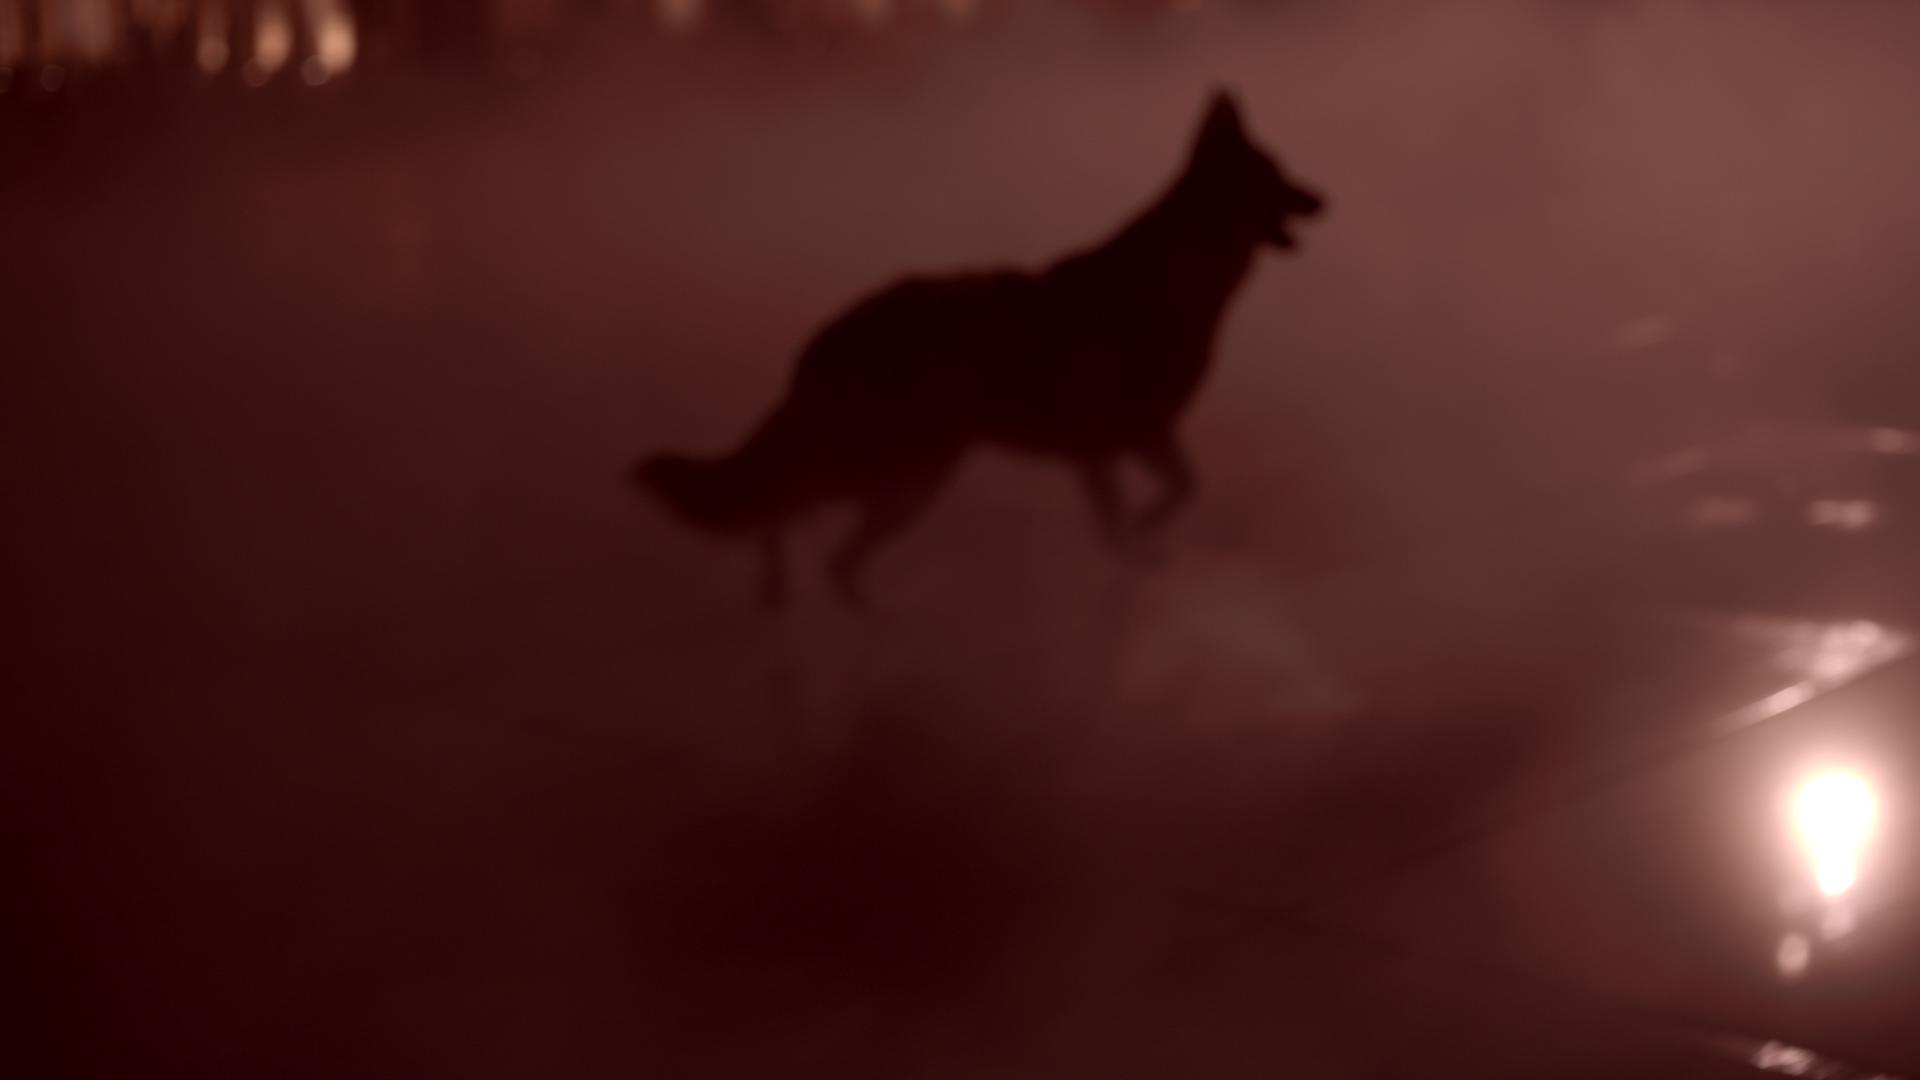 clip-video-chien-bordeaux-miroir-deau-esmo-leo-meslet-xaleo